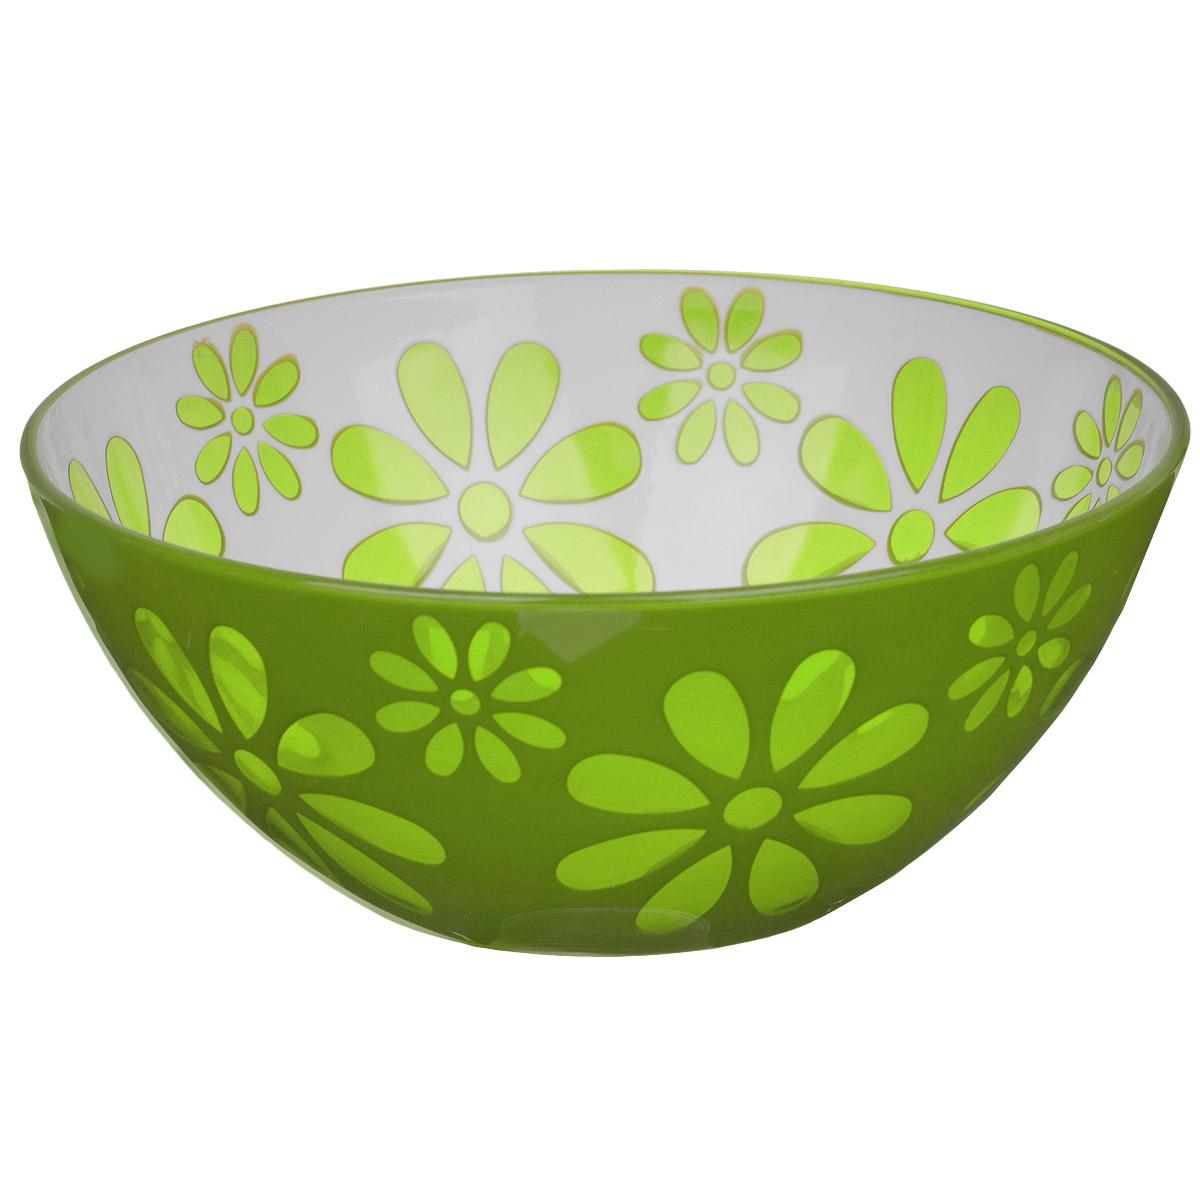 Чаша Альтернатива Соблазн, цвет: зеленый, 1,7 л чаша альтернатива соблазн цвет красный 1 7 л